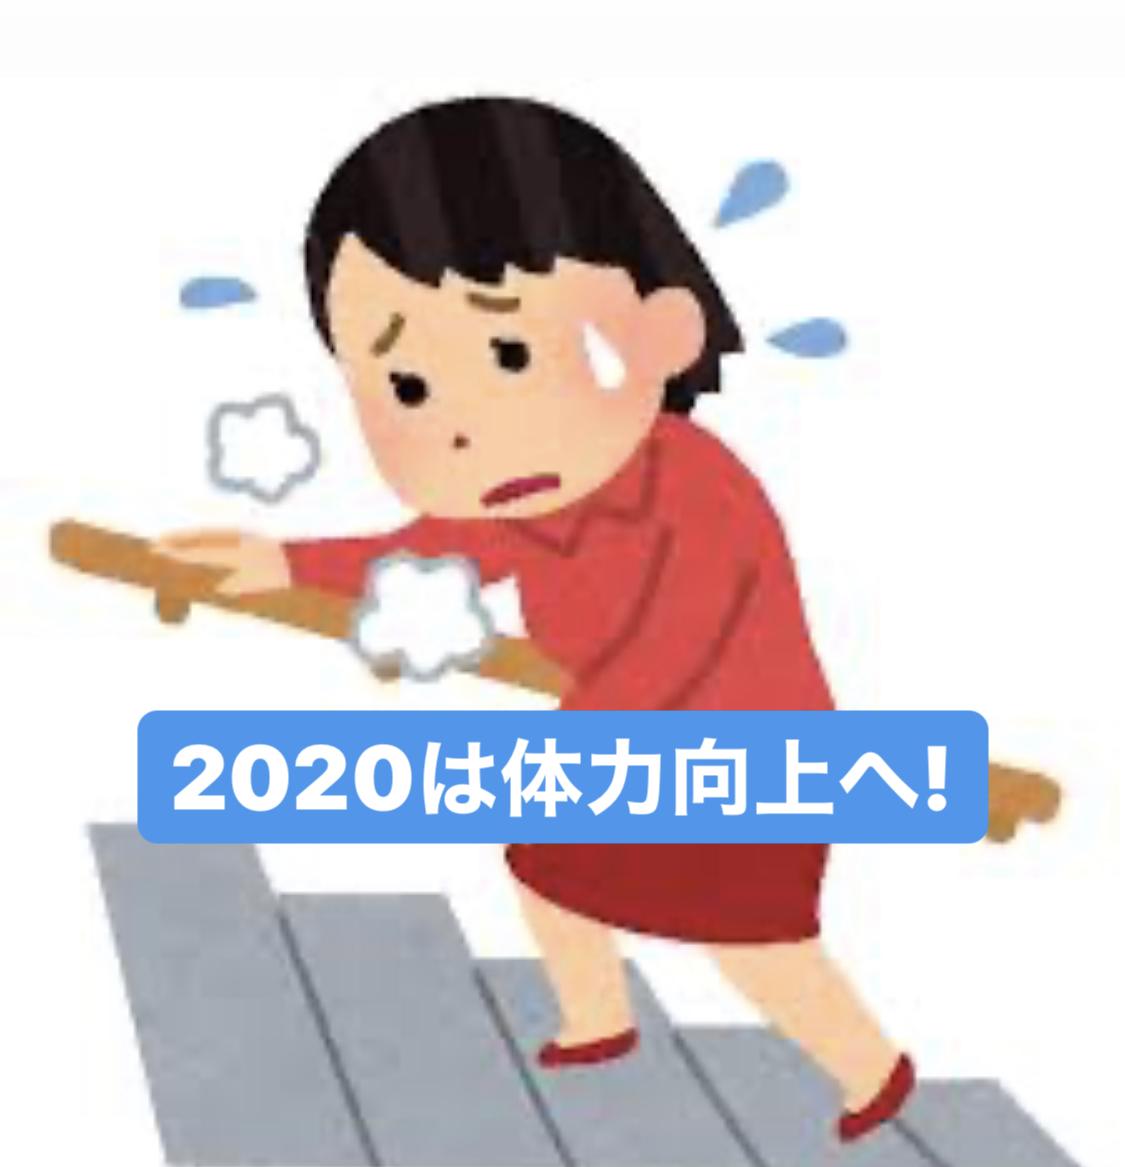 """-終了-2020《2月ヘルスケアアカデミー》がん患者のための""""体力""""のつけ方 2月8日(土)13:00~"""